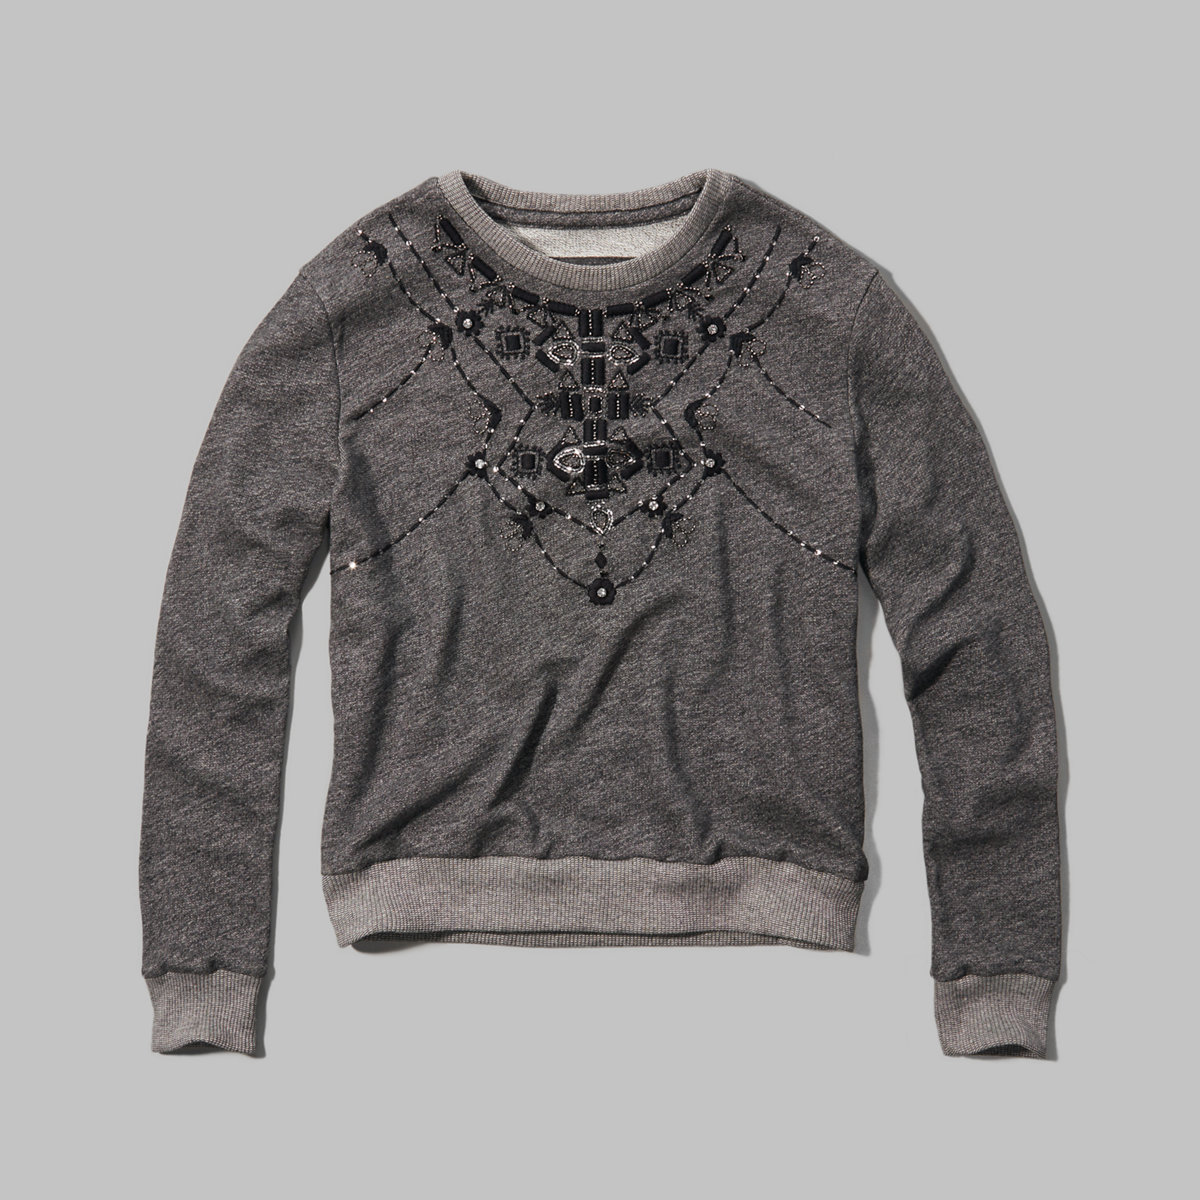 Meredith Embellished Sweatshirt